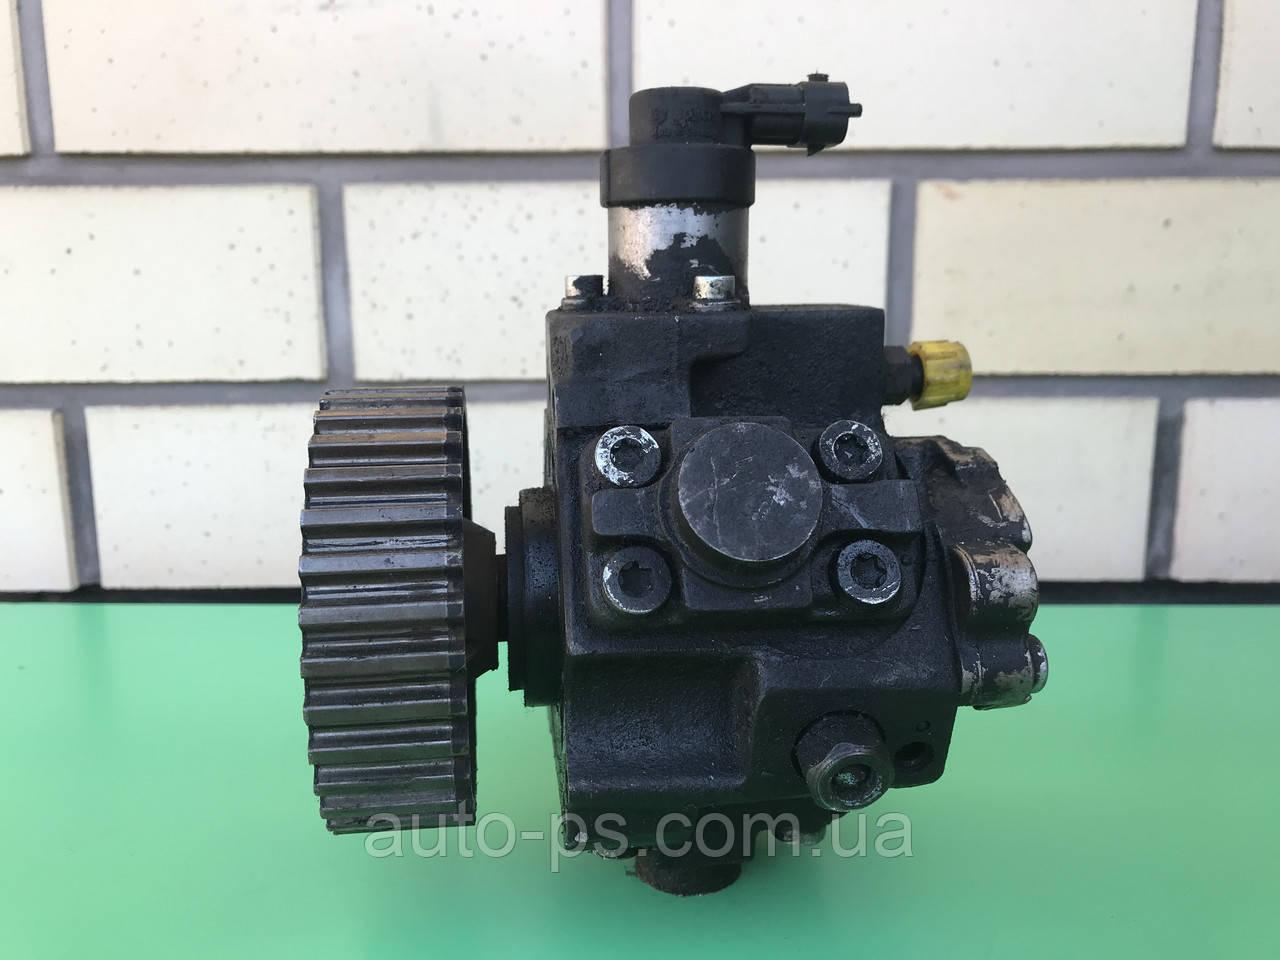 Топливный насос высокого давления (ТНВД) Citroen Berlingo (B9) 1.6HDI